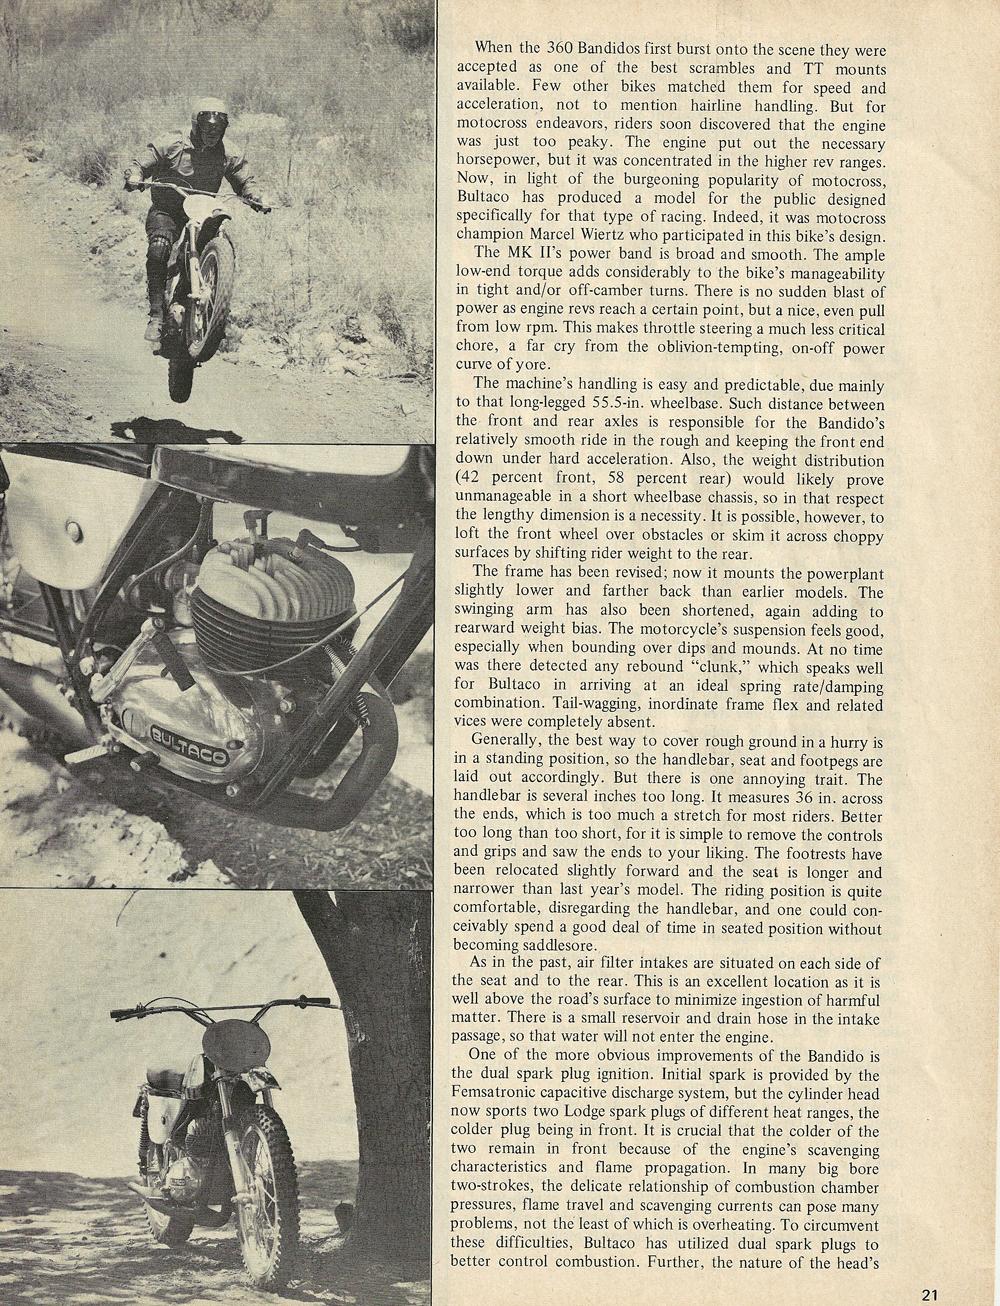 1969 Bultaco El Bandido MK 2 Road test 2.jpg